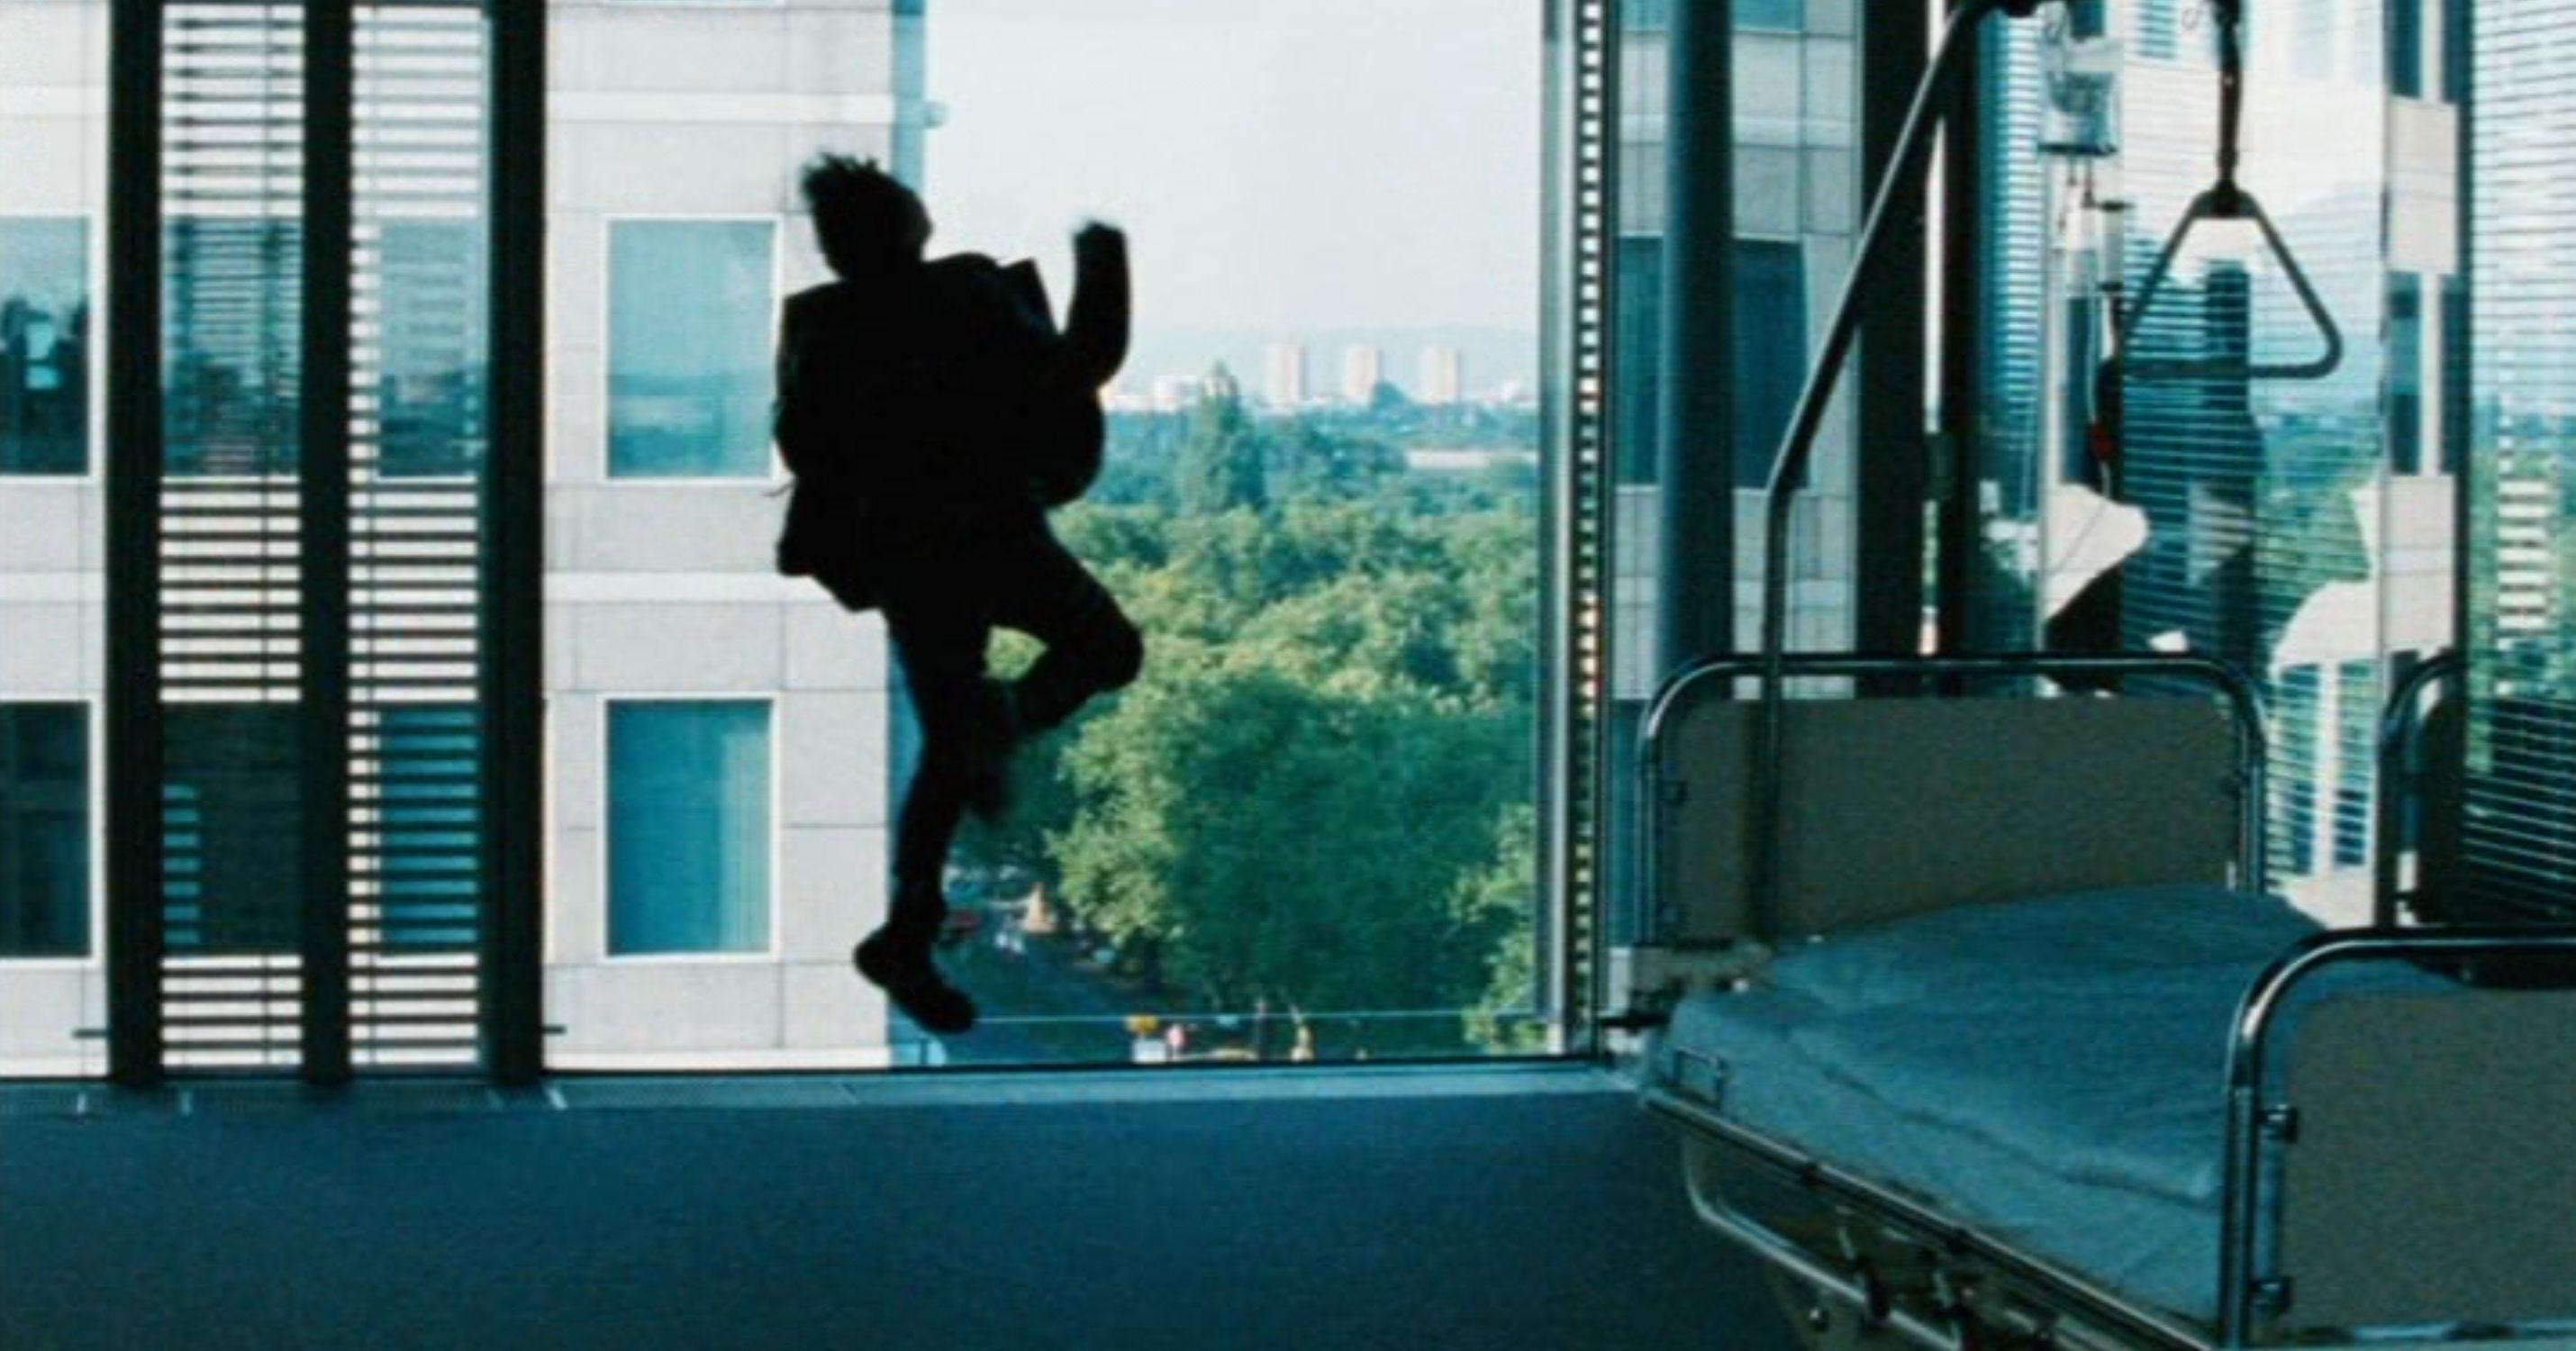 Vier Minuten - Four Minutes - Wut, Jenny springt gegen ein Fenster - Regie: Chris Kraus - Kamera Judith Kaufmann